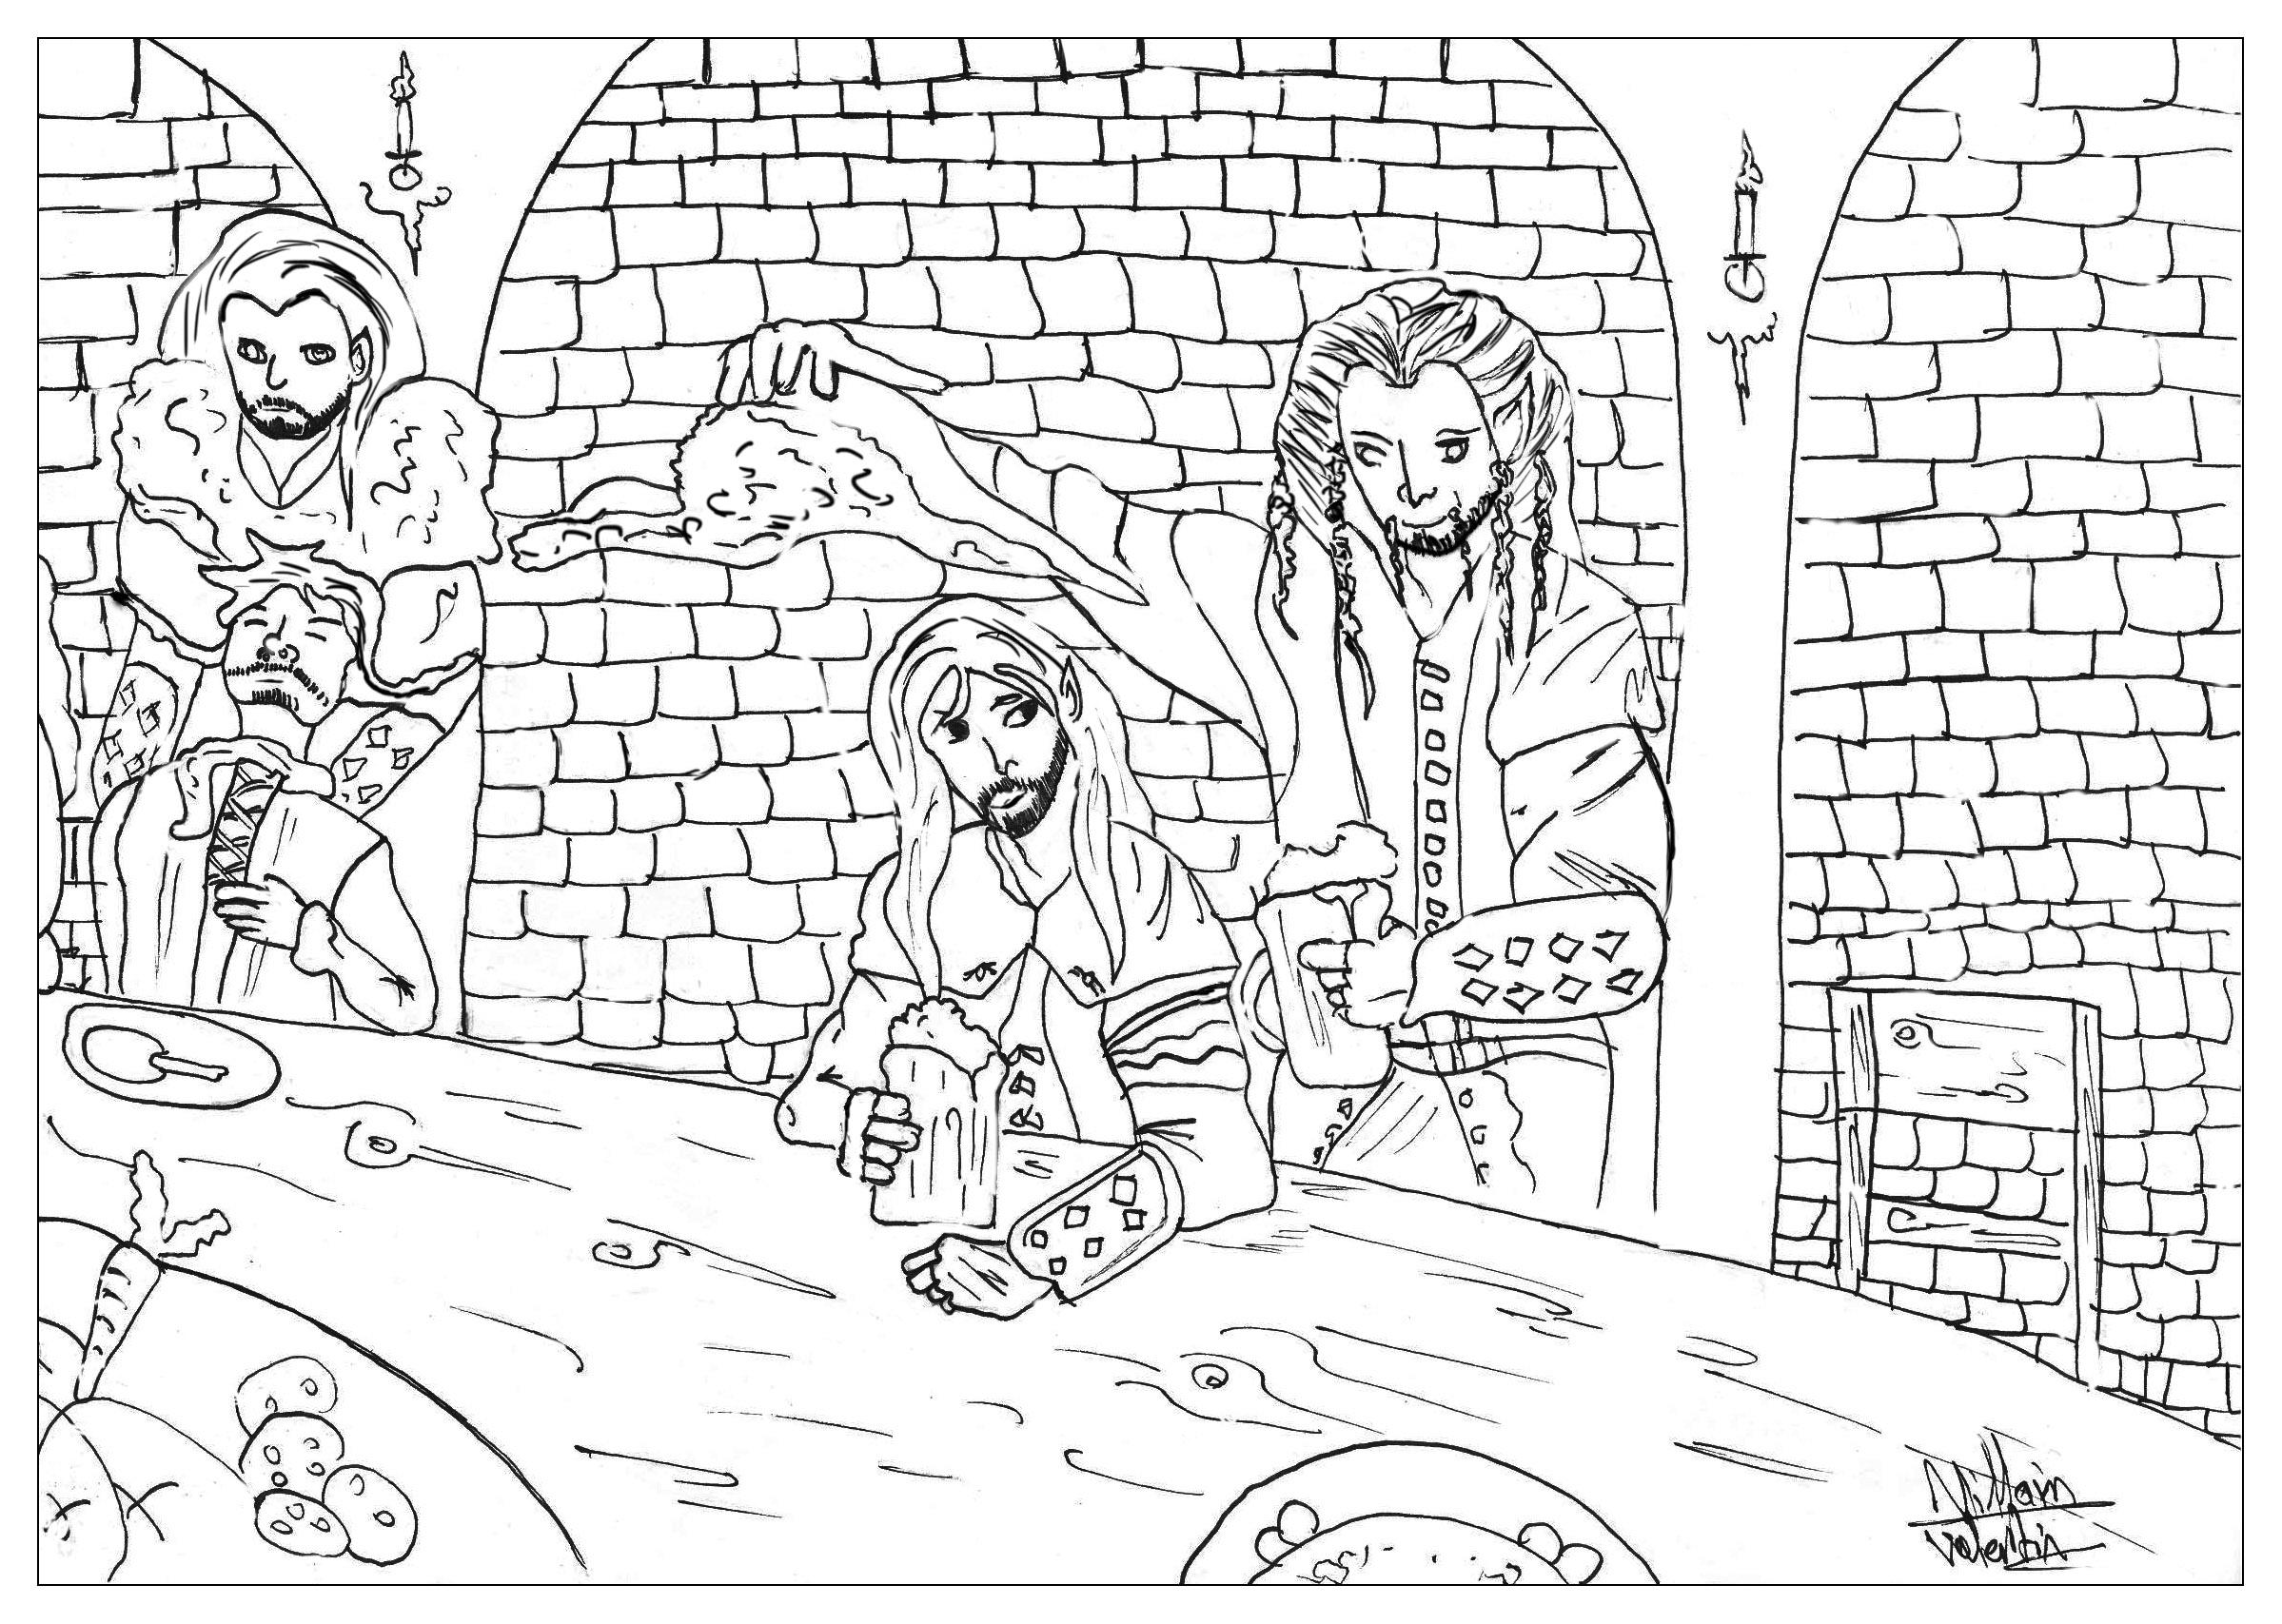 Une scène du Hobbit, dans la taverne